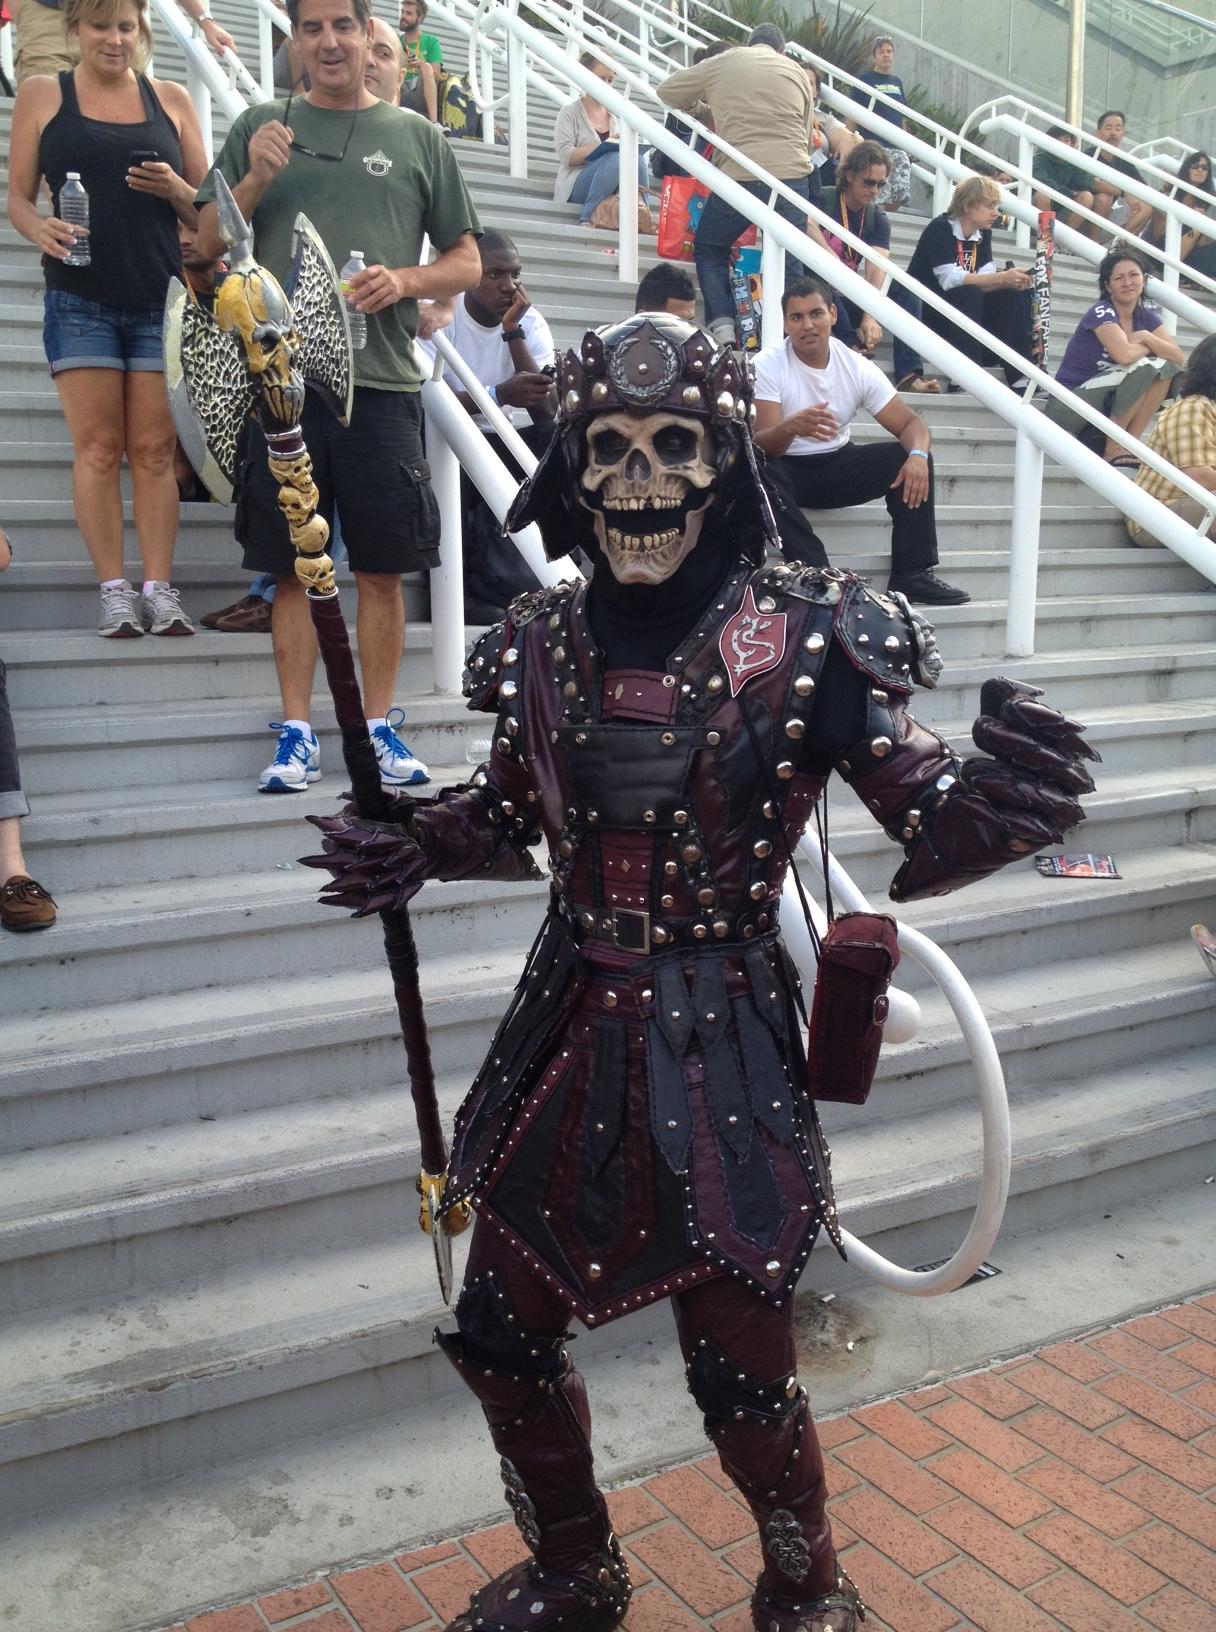 Alt.Comic-Con: The Obligatory Costume Post